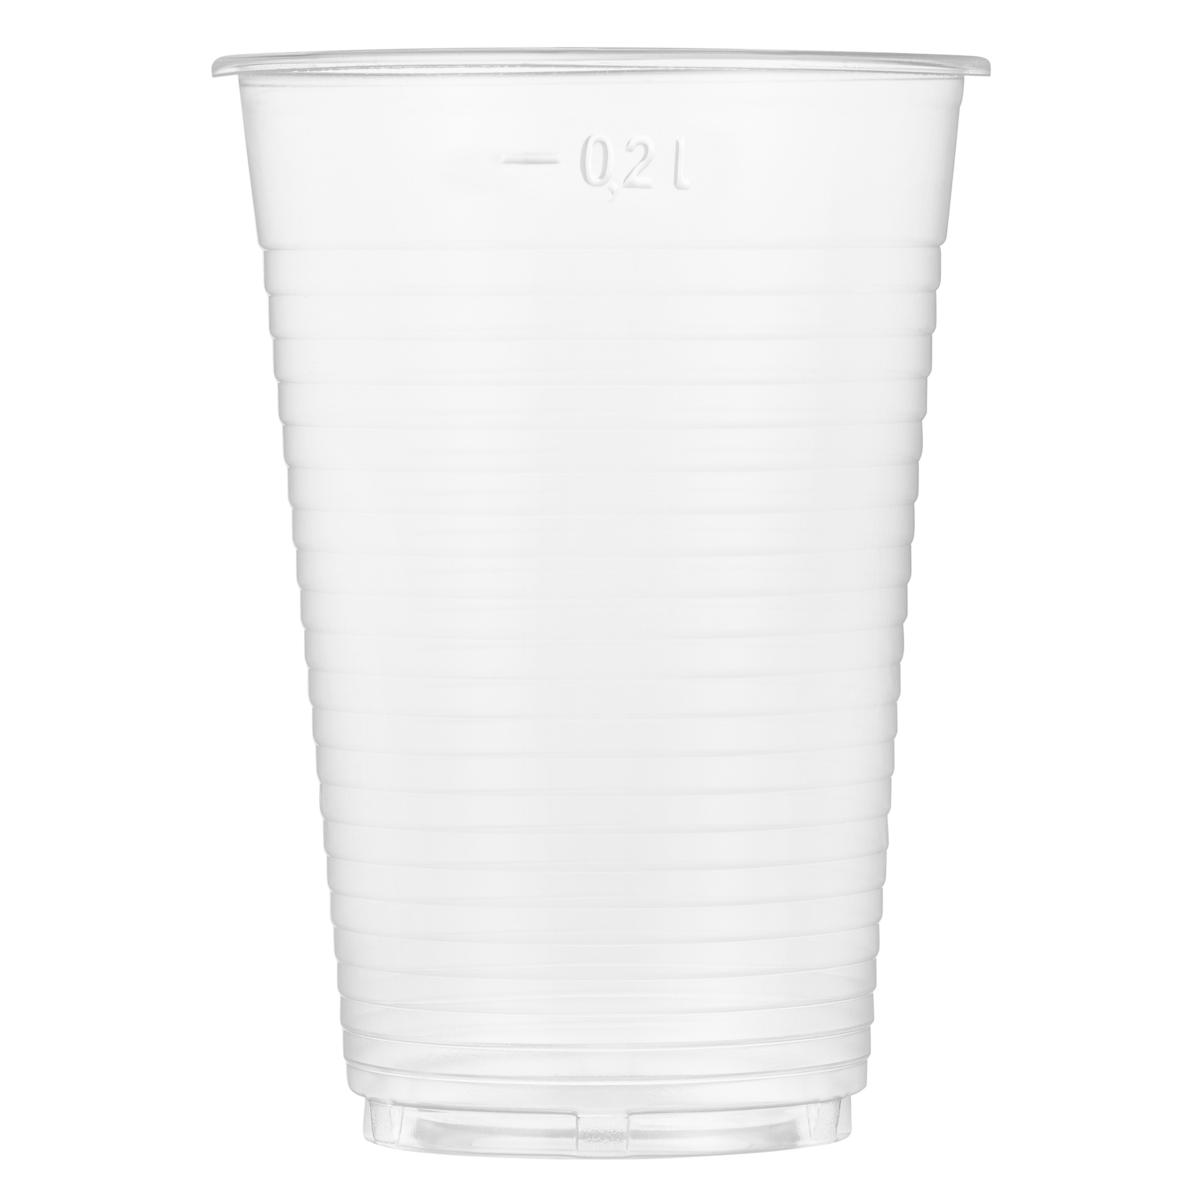 Plastična čaša za vodu 0,2l